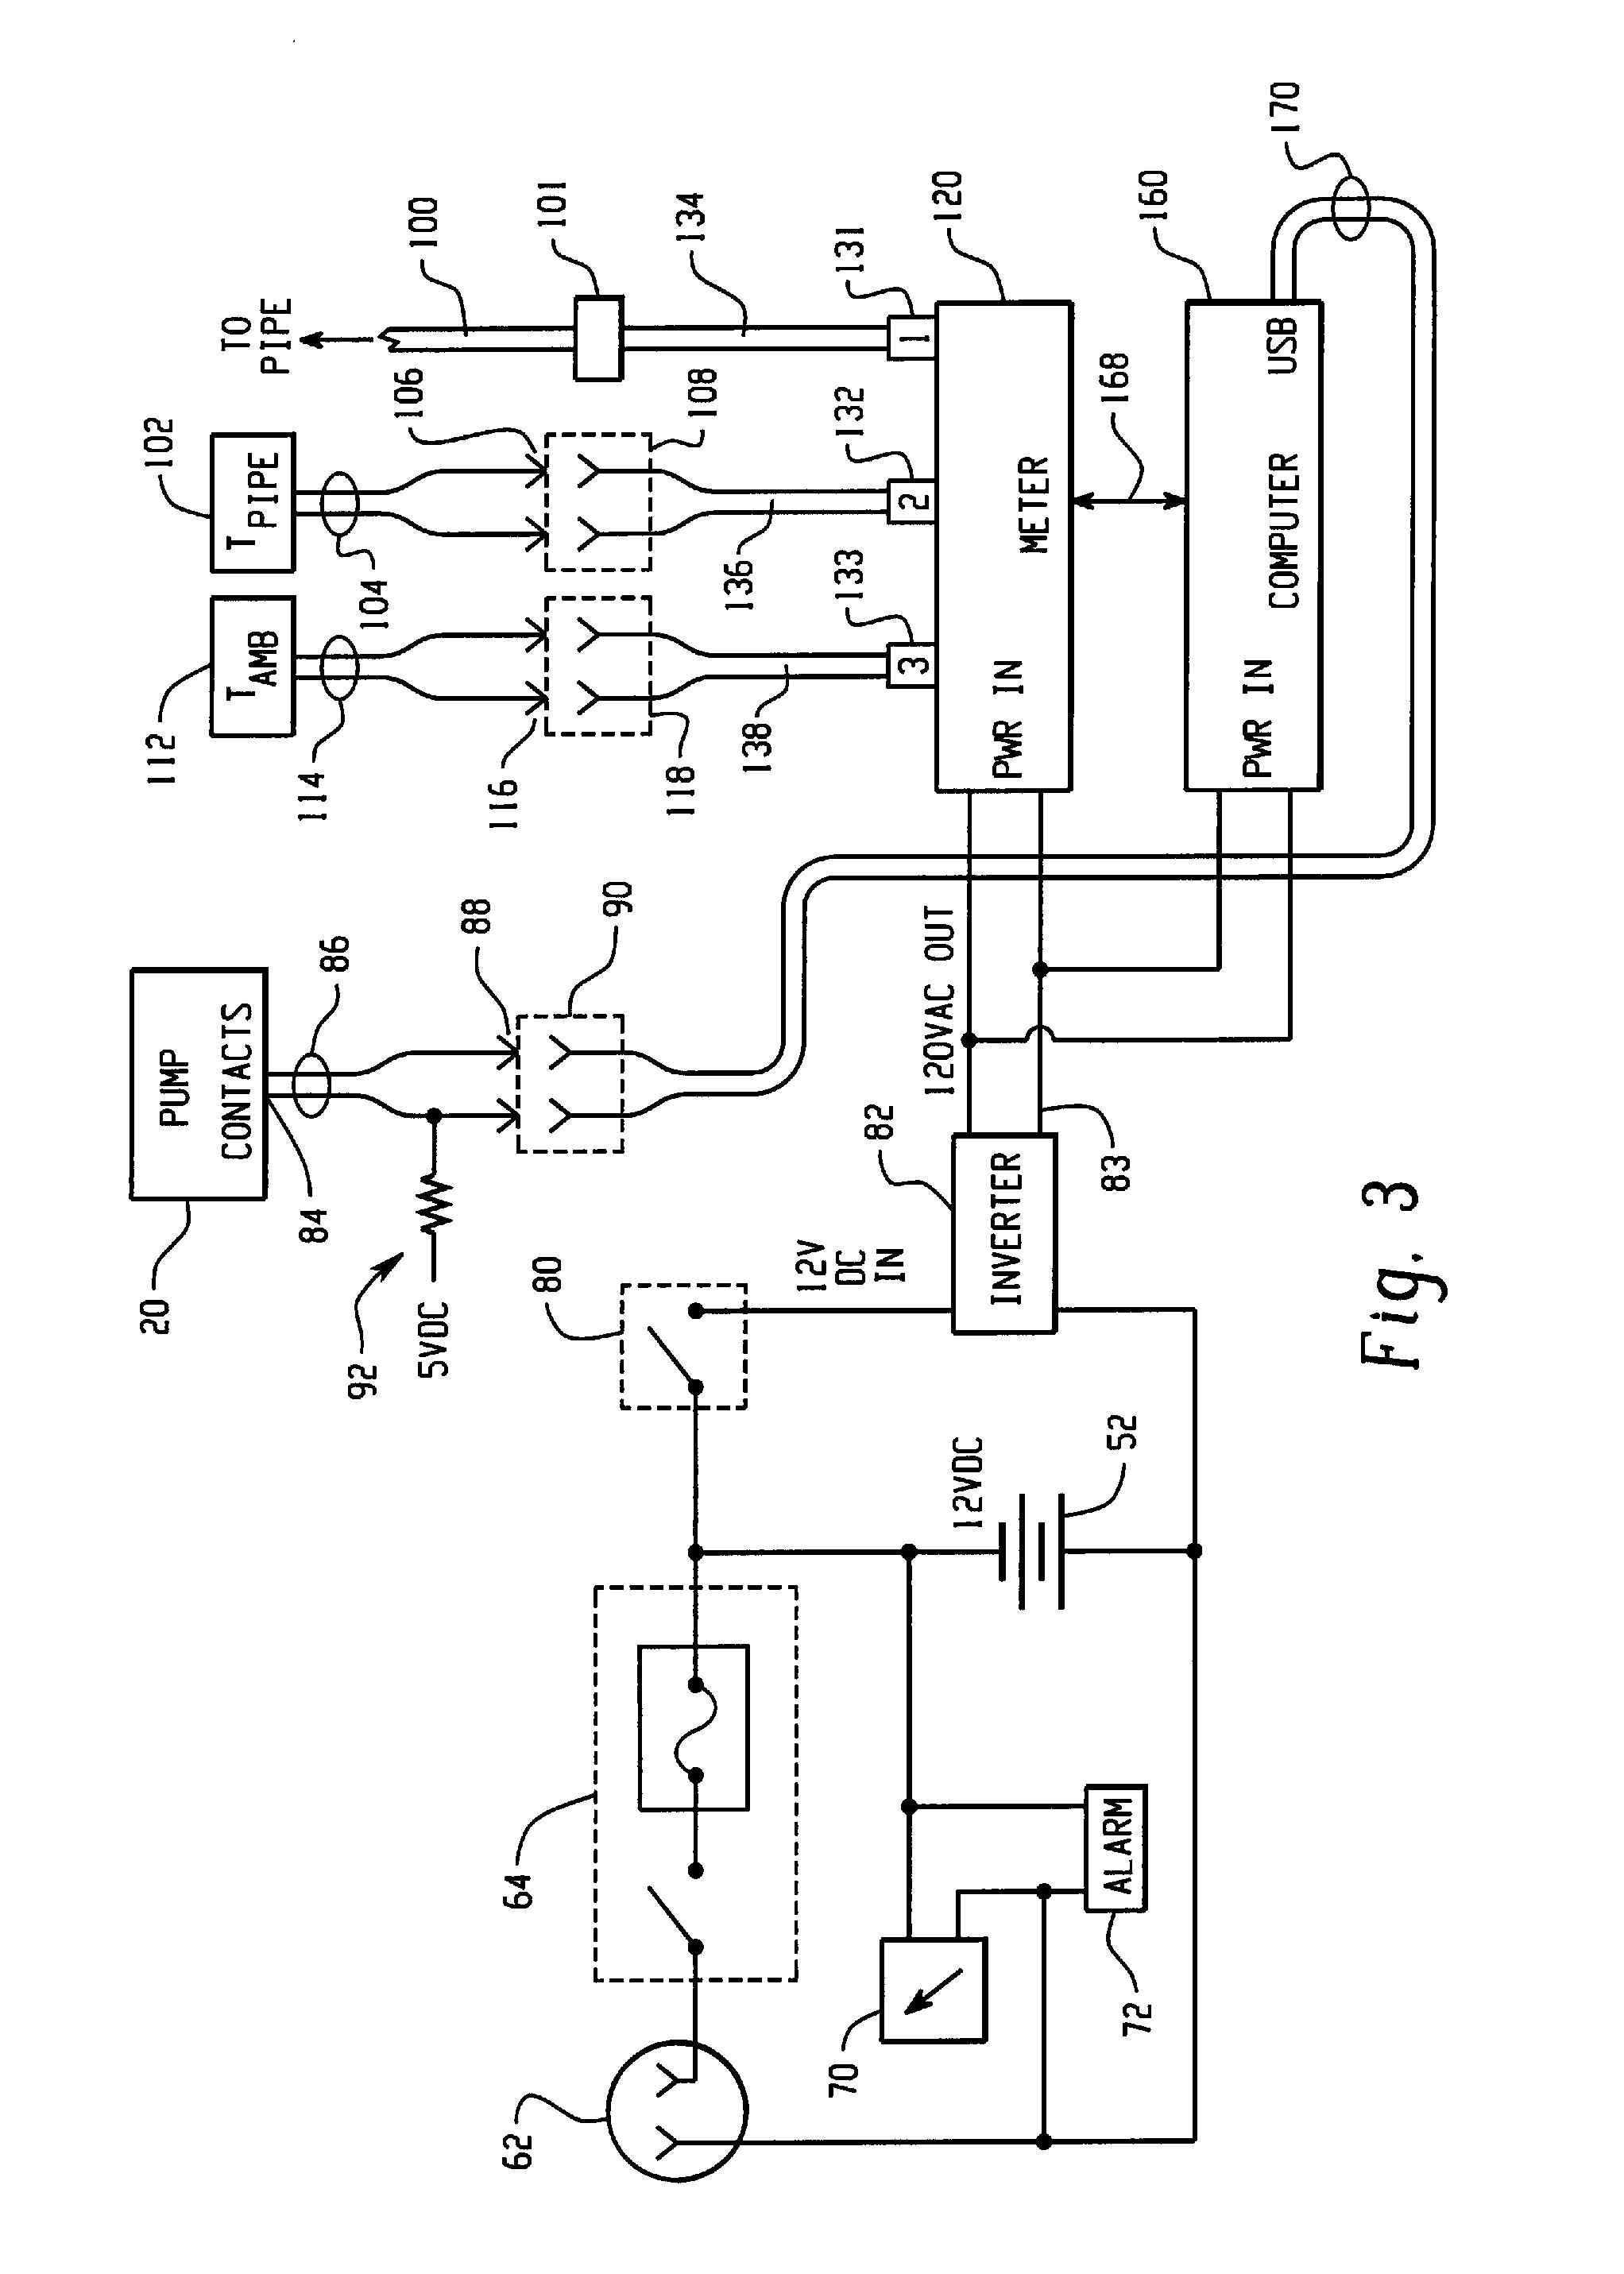 Patent Us20130110417